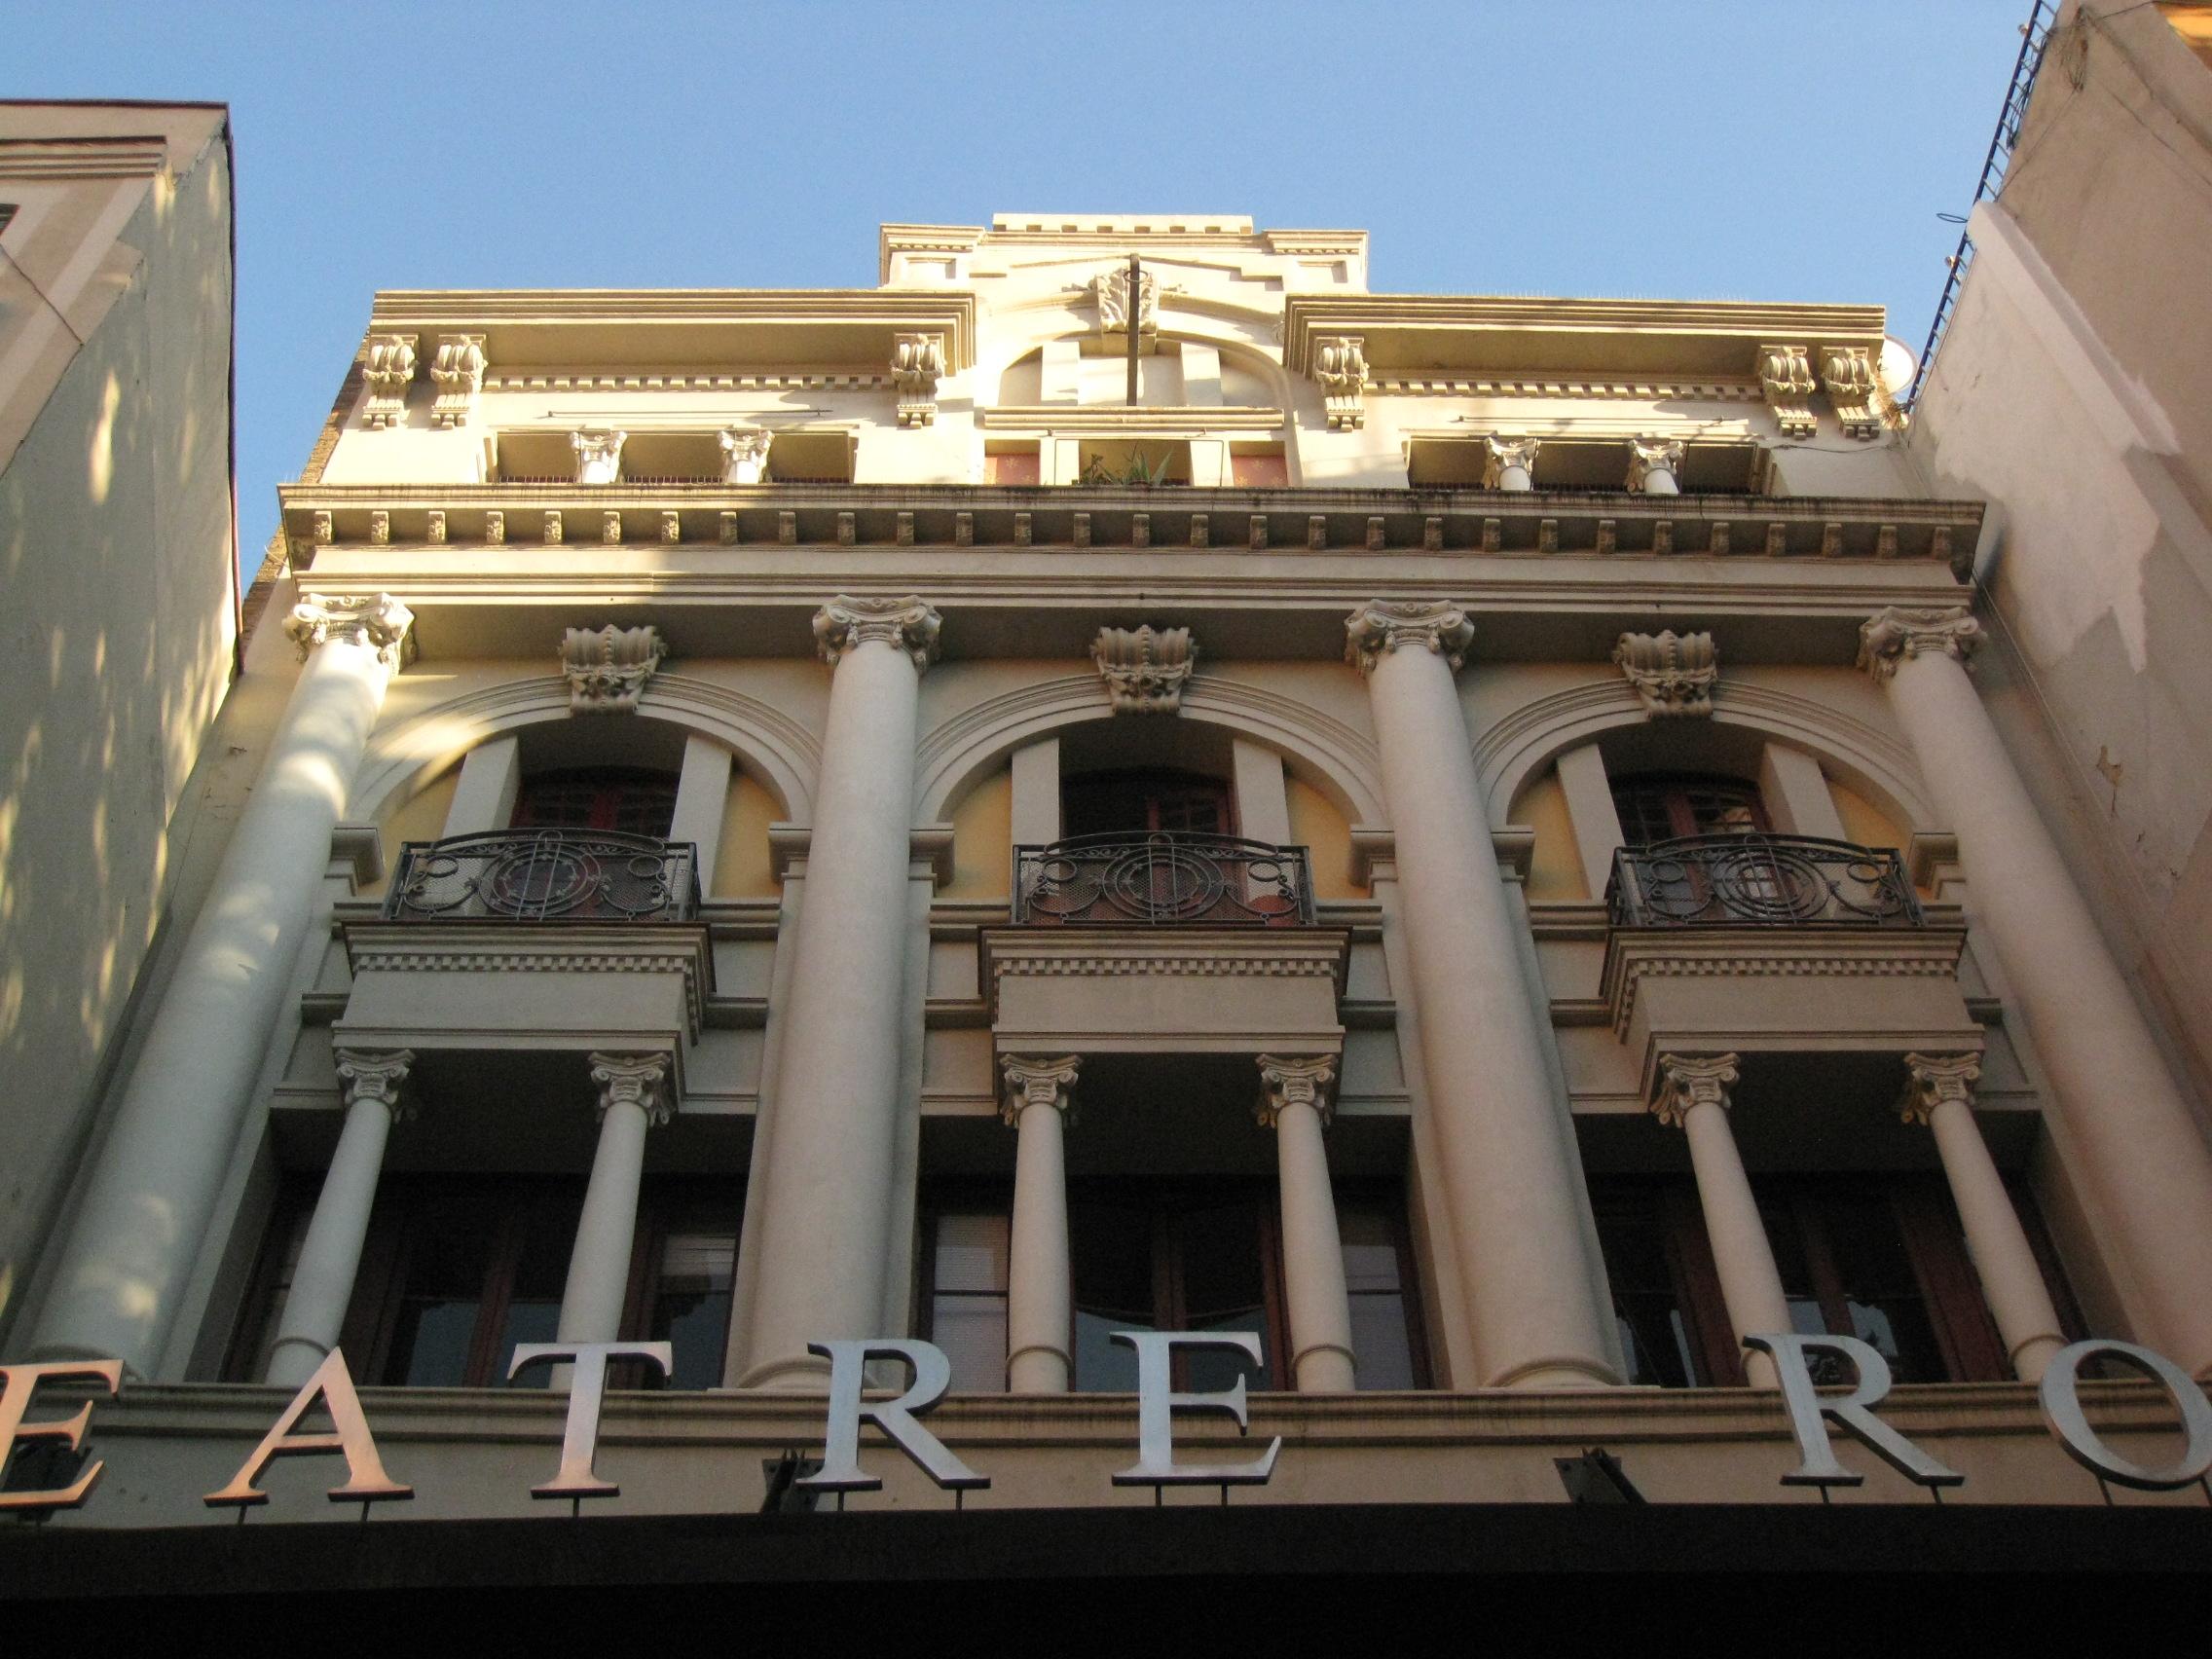 Teatre romea informaci i entrades teatre barcelona for Cartellera teatre barcelona